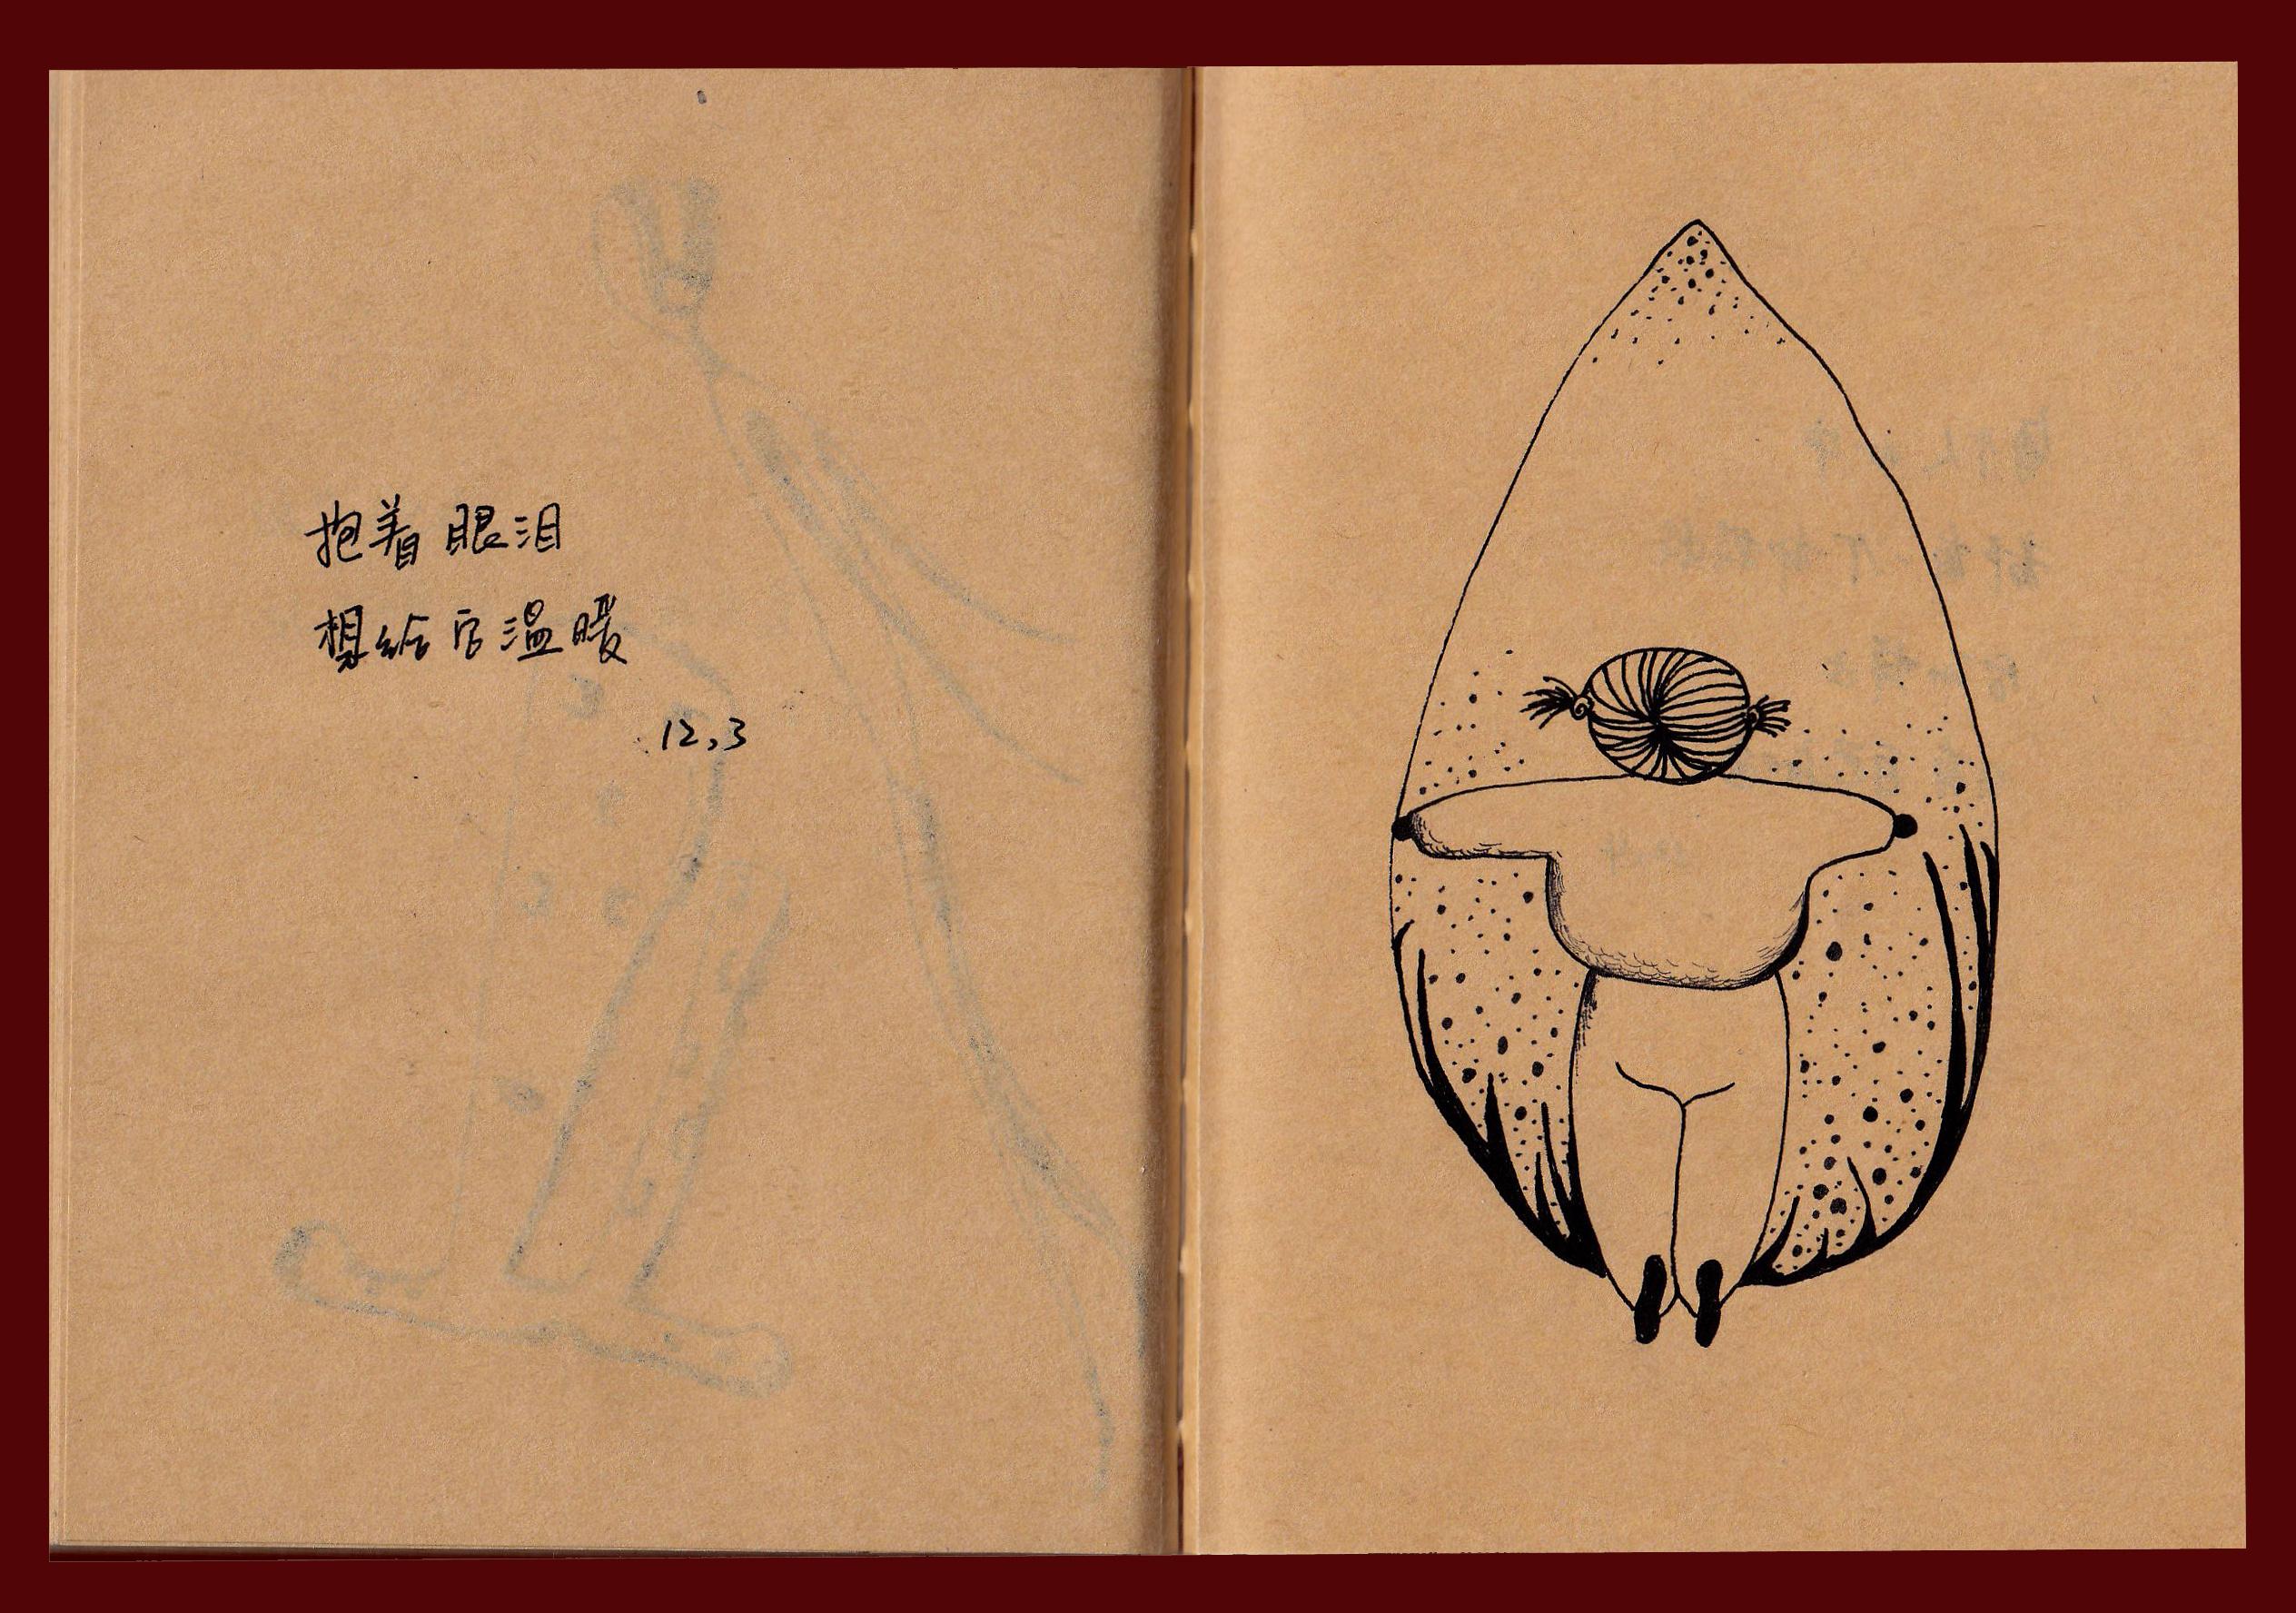 日记图_绘图日记